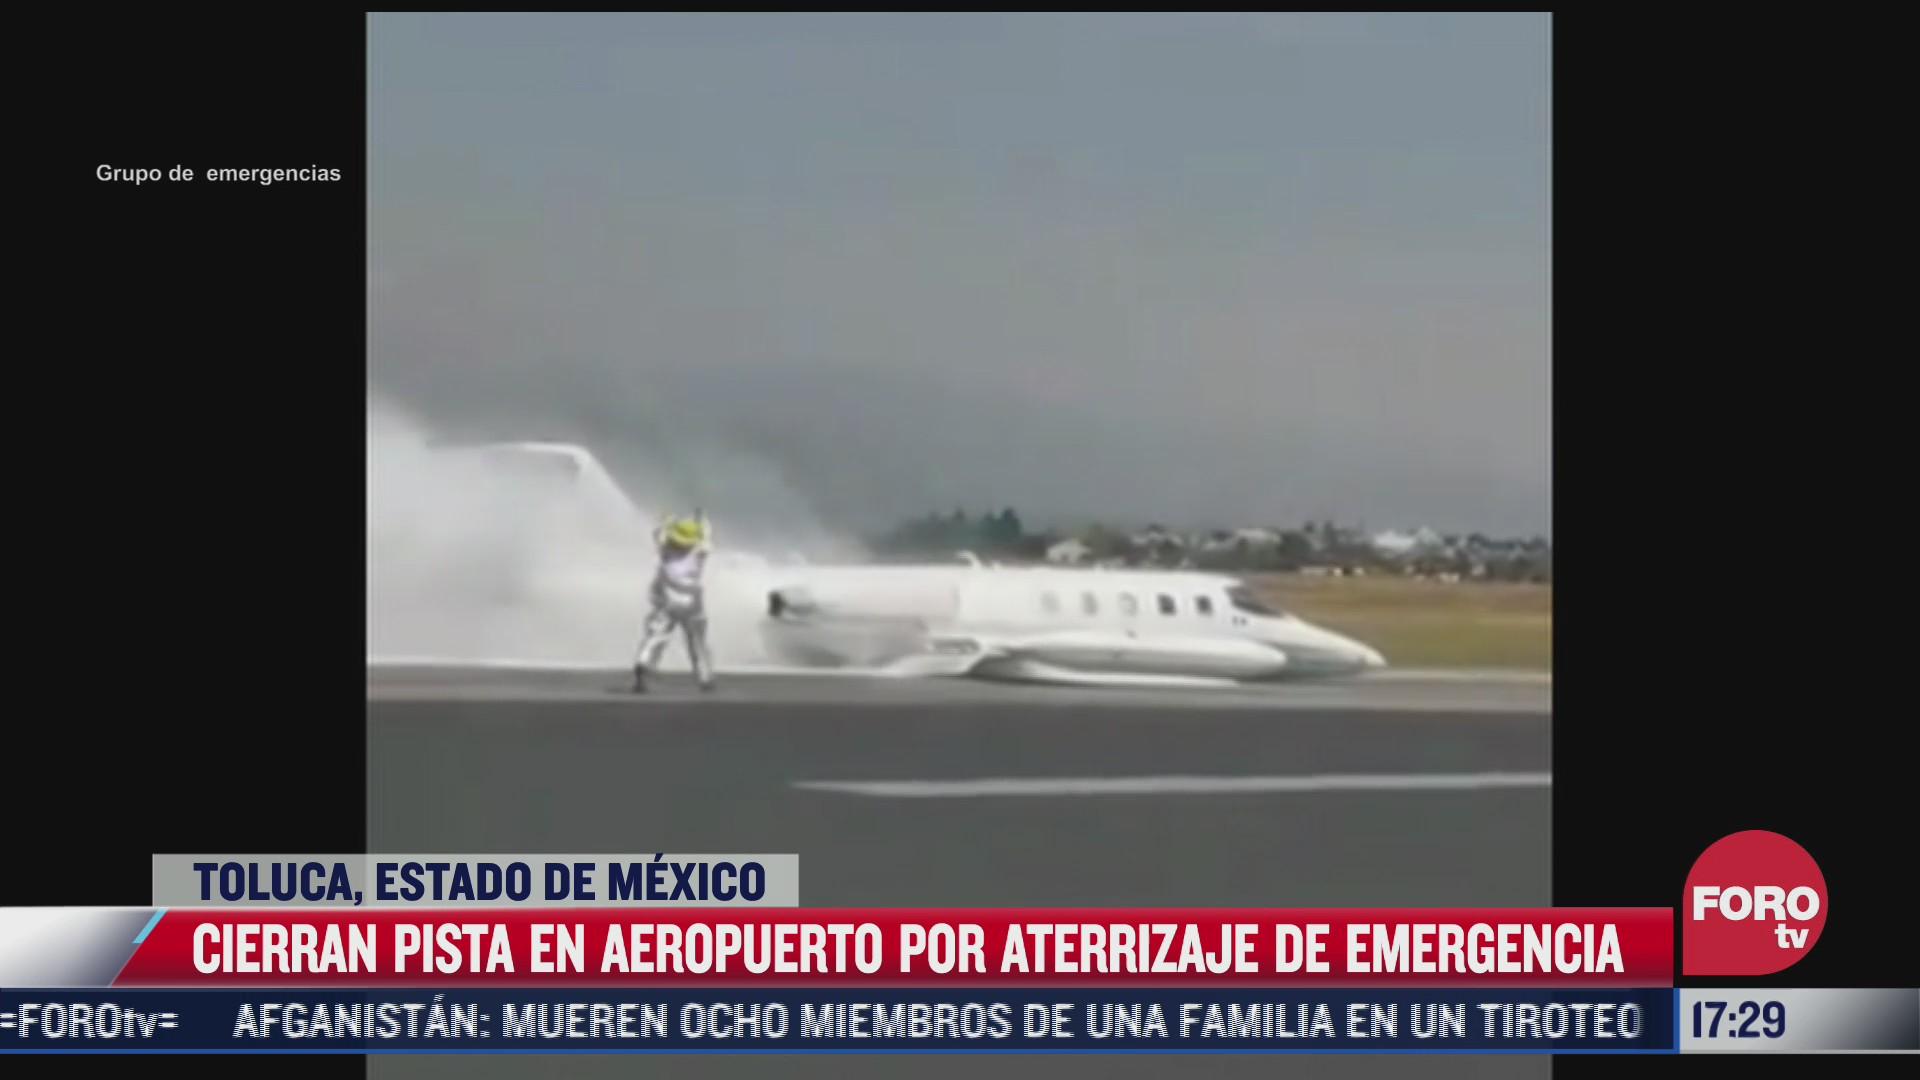 cierran pista en aeropuerto por aterrizaje de emergencia en toluca